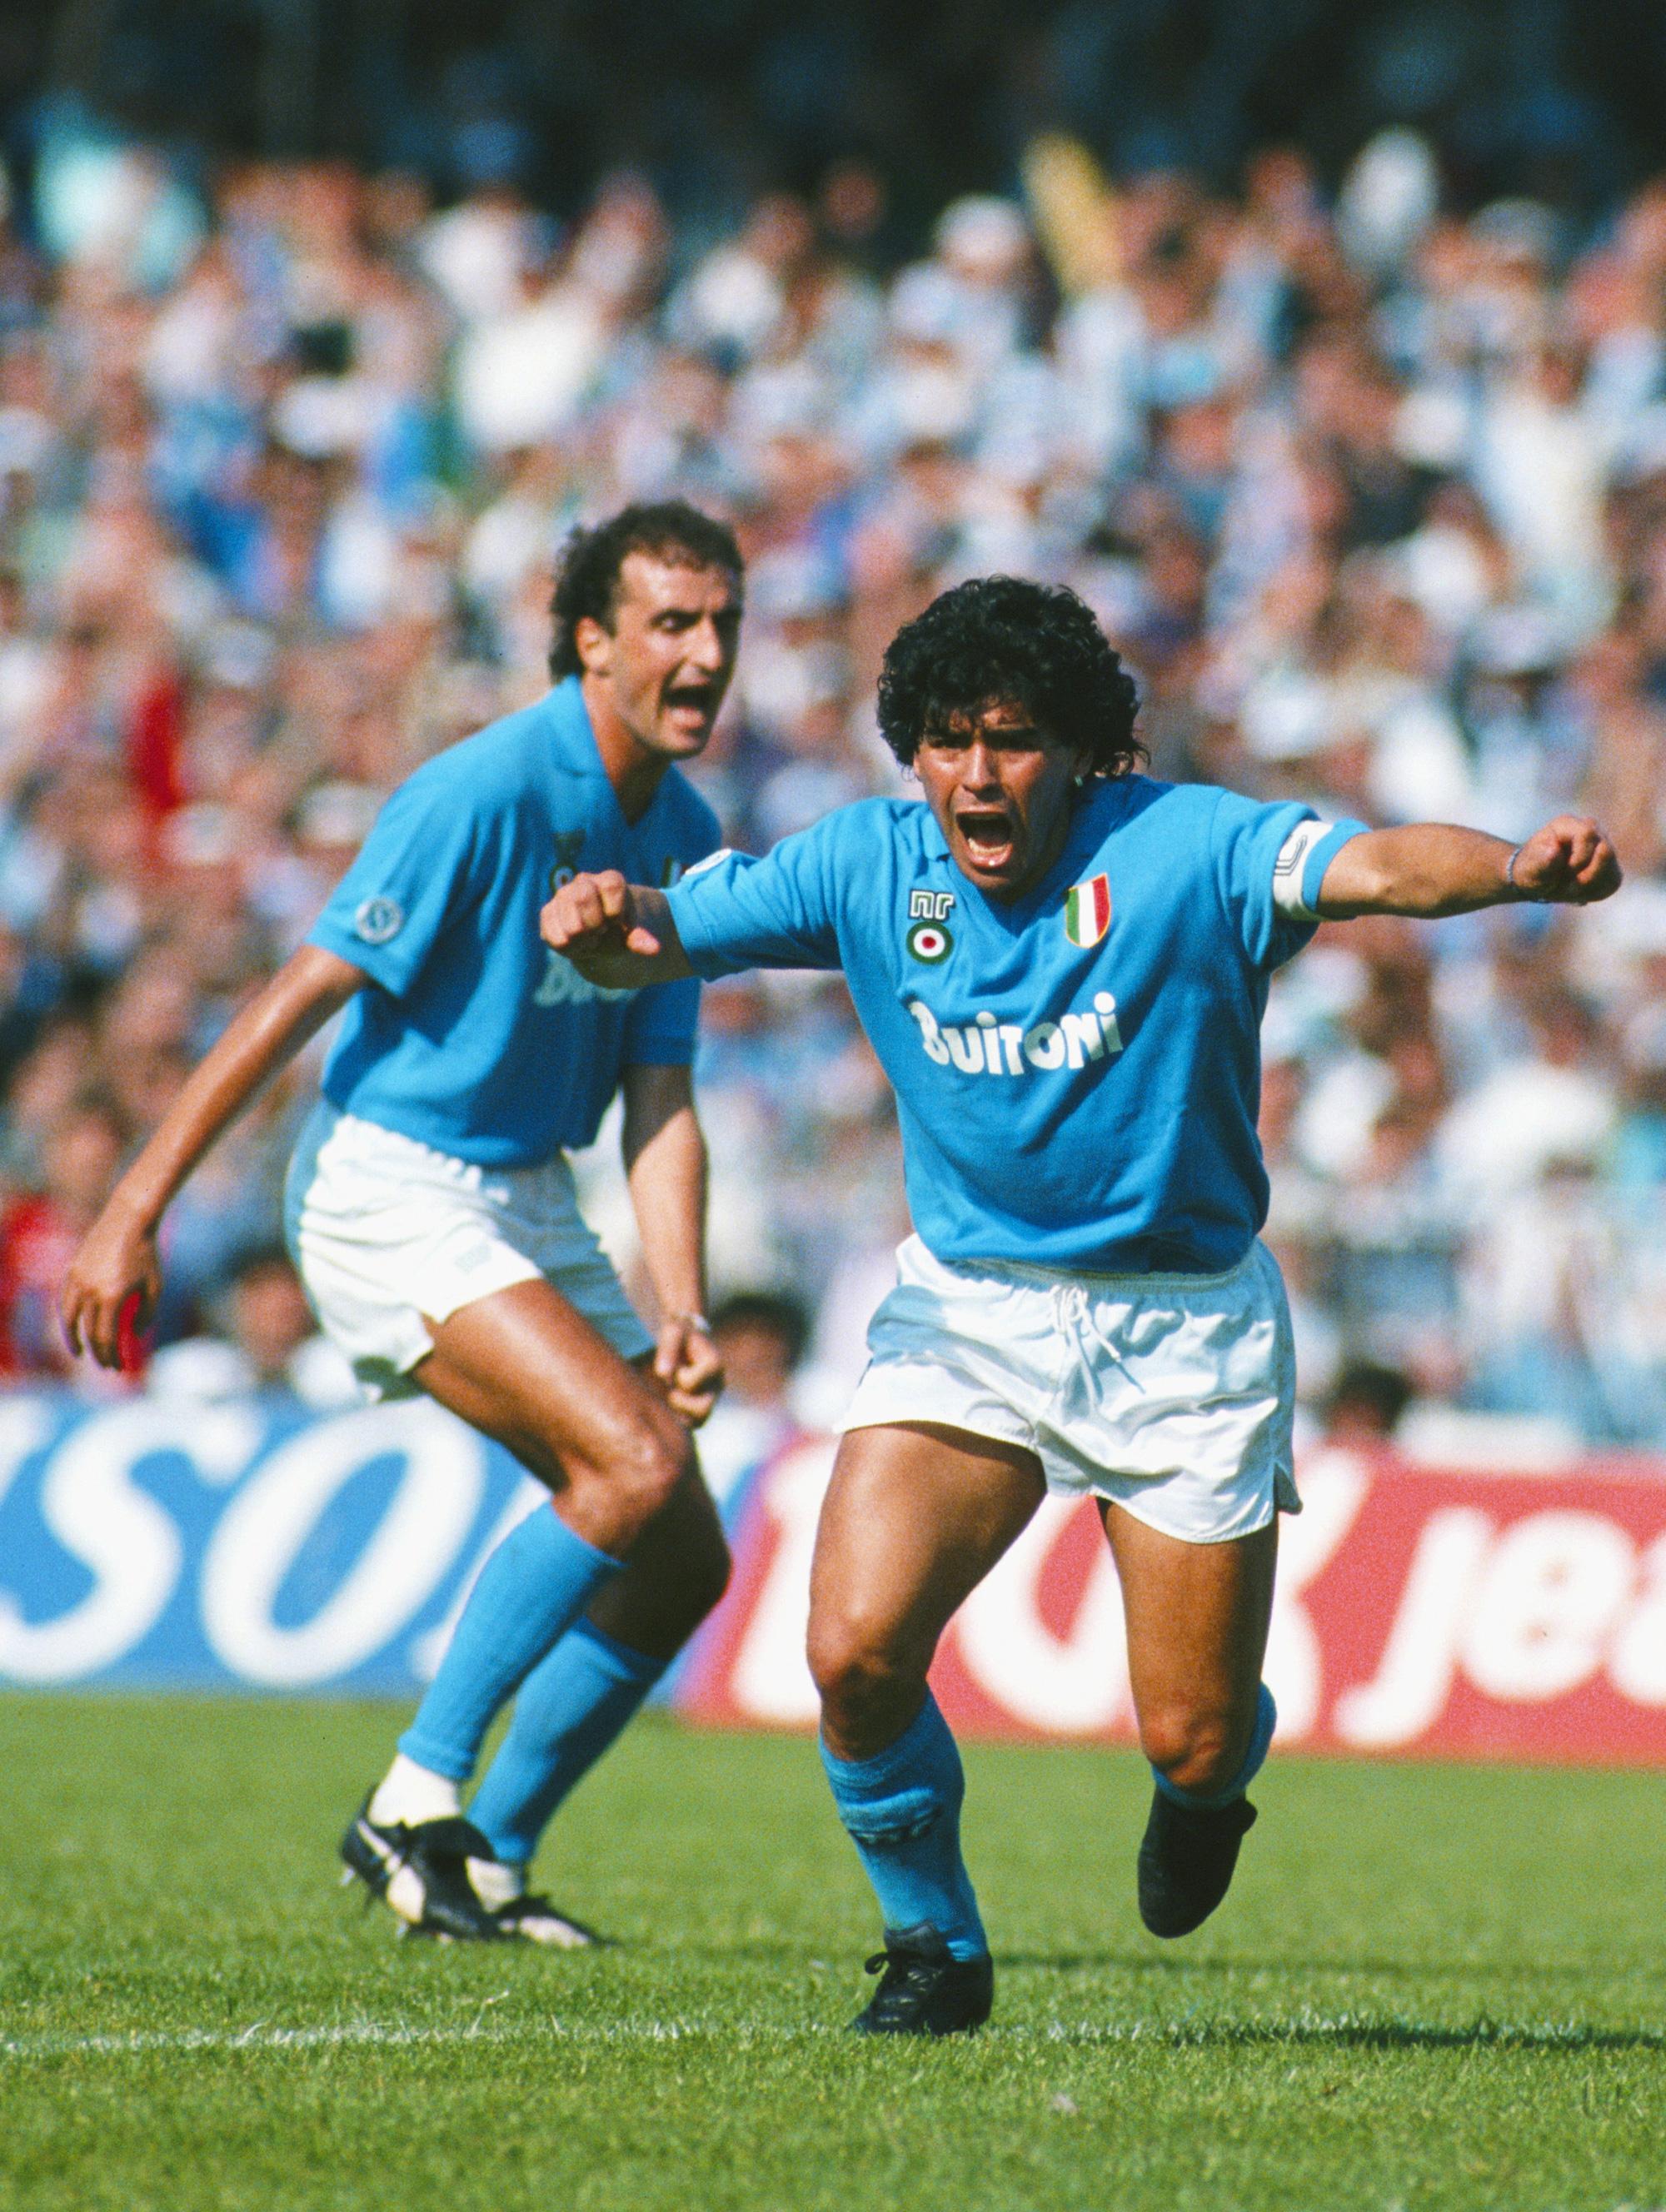 Cuộc đời Maradona qua ảnh: Đầy vinh quang nhưng cũng lắm tranh cãi - Ảnh 6.